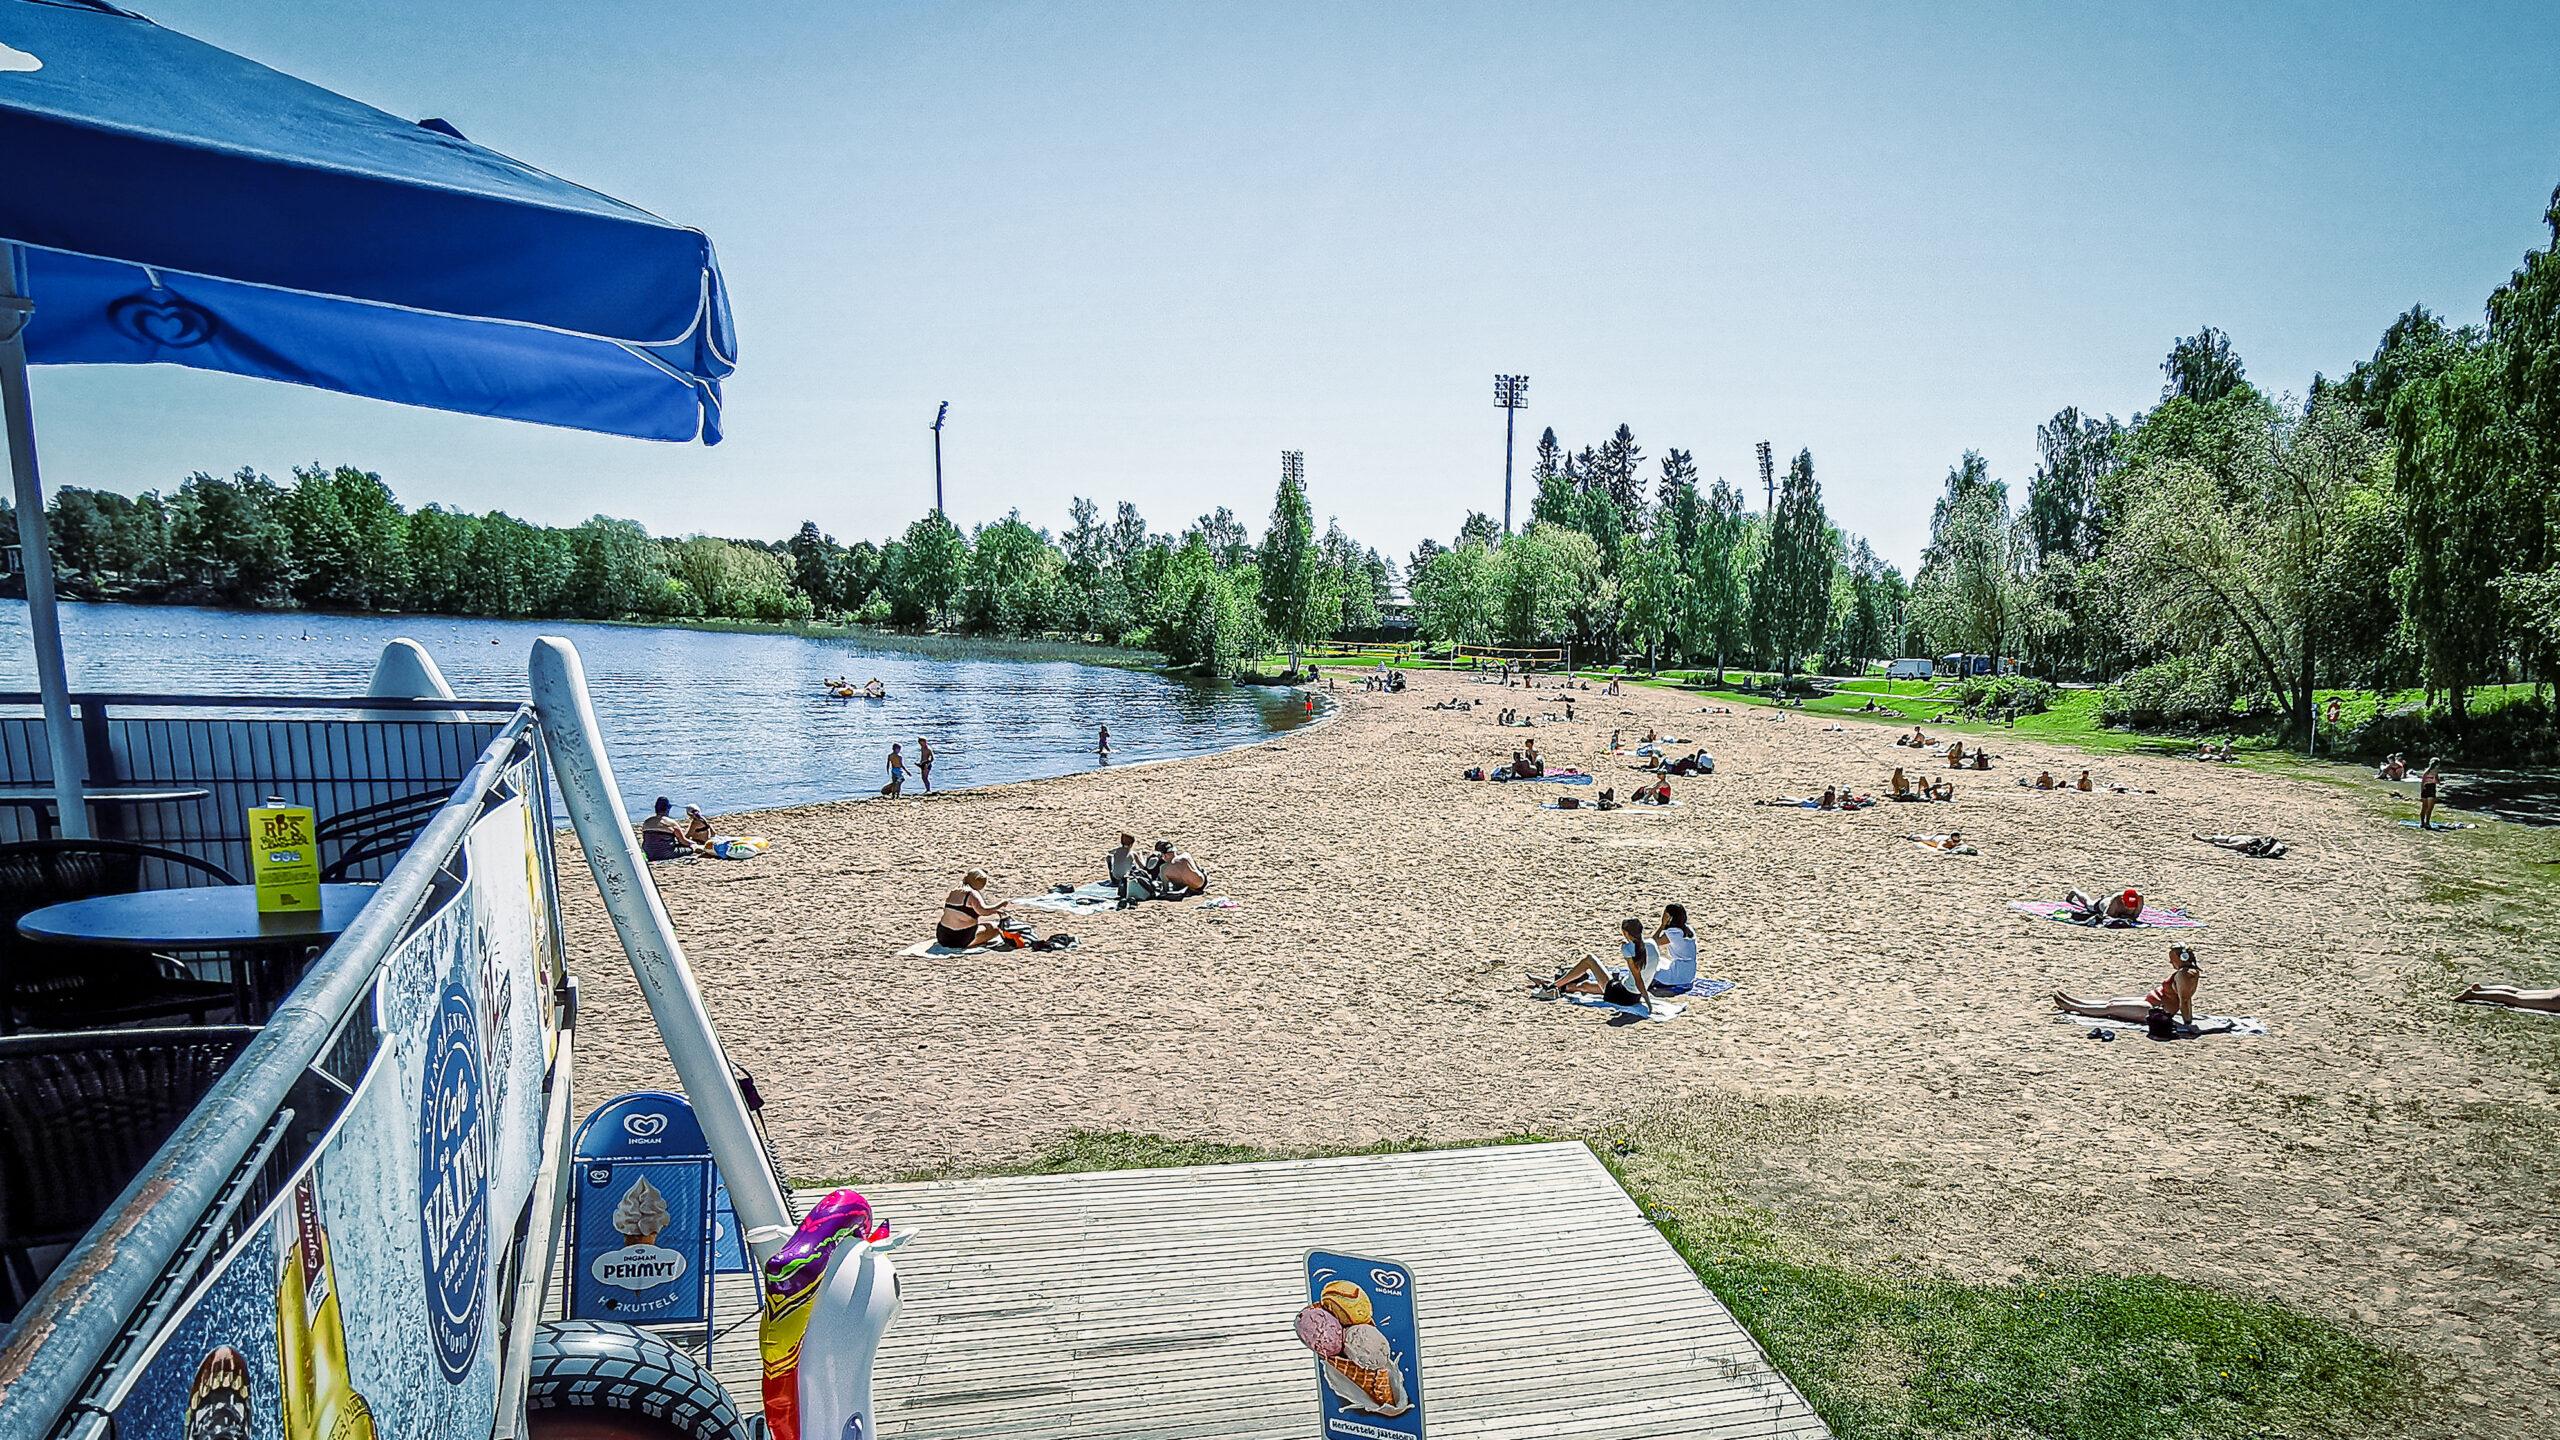 Luokkaretki ,Kuopio, Väinölänniemi, ranta